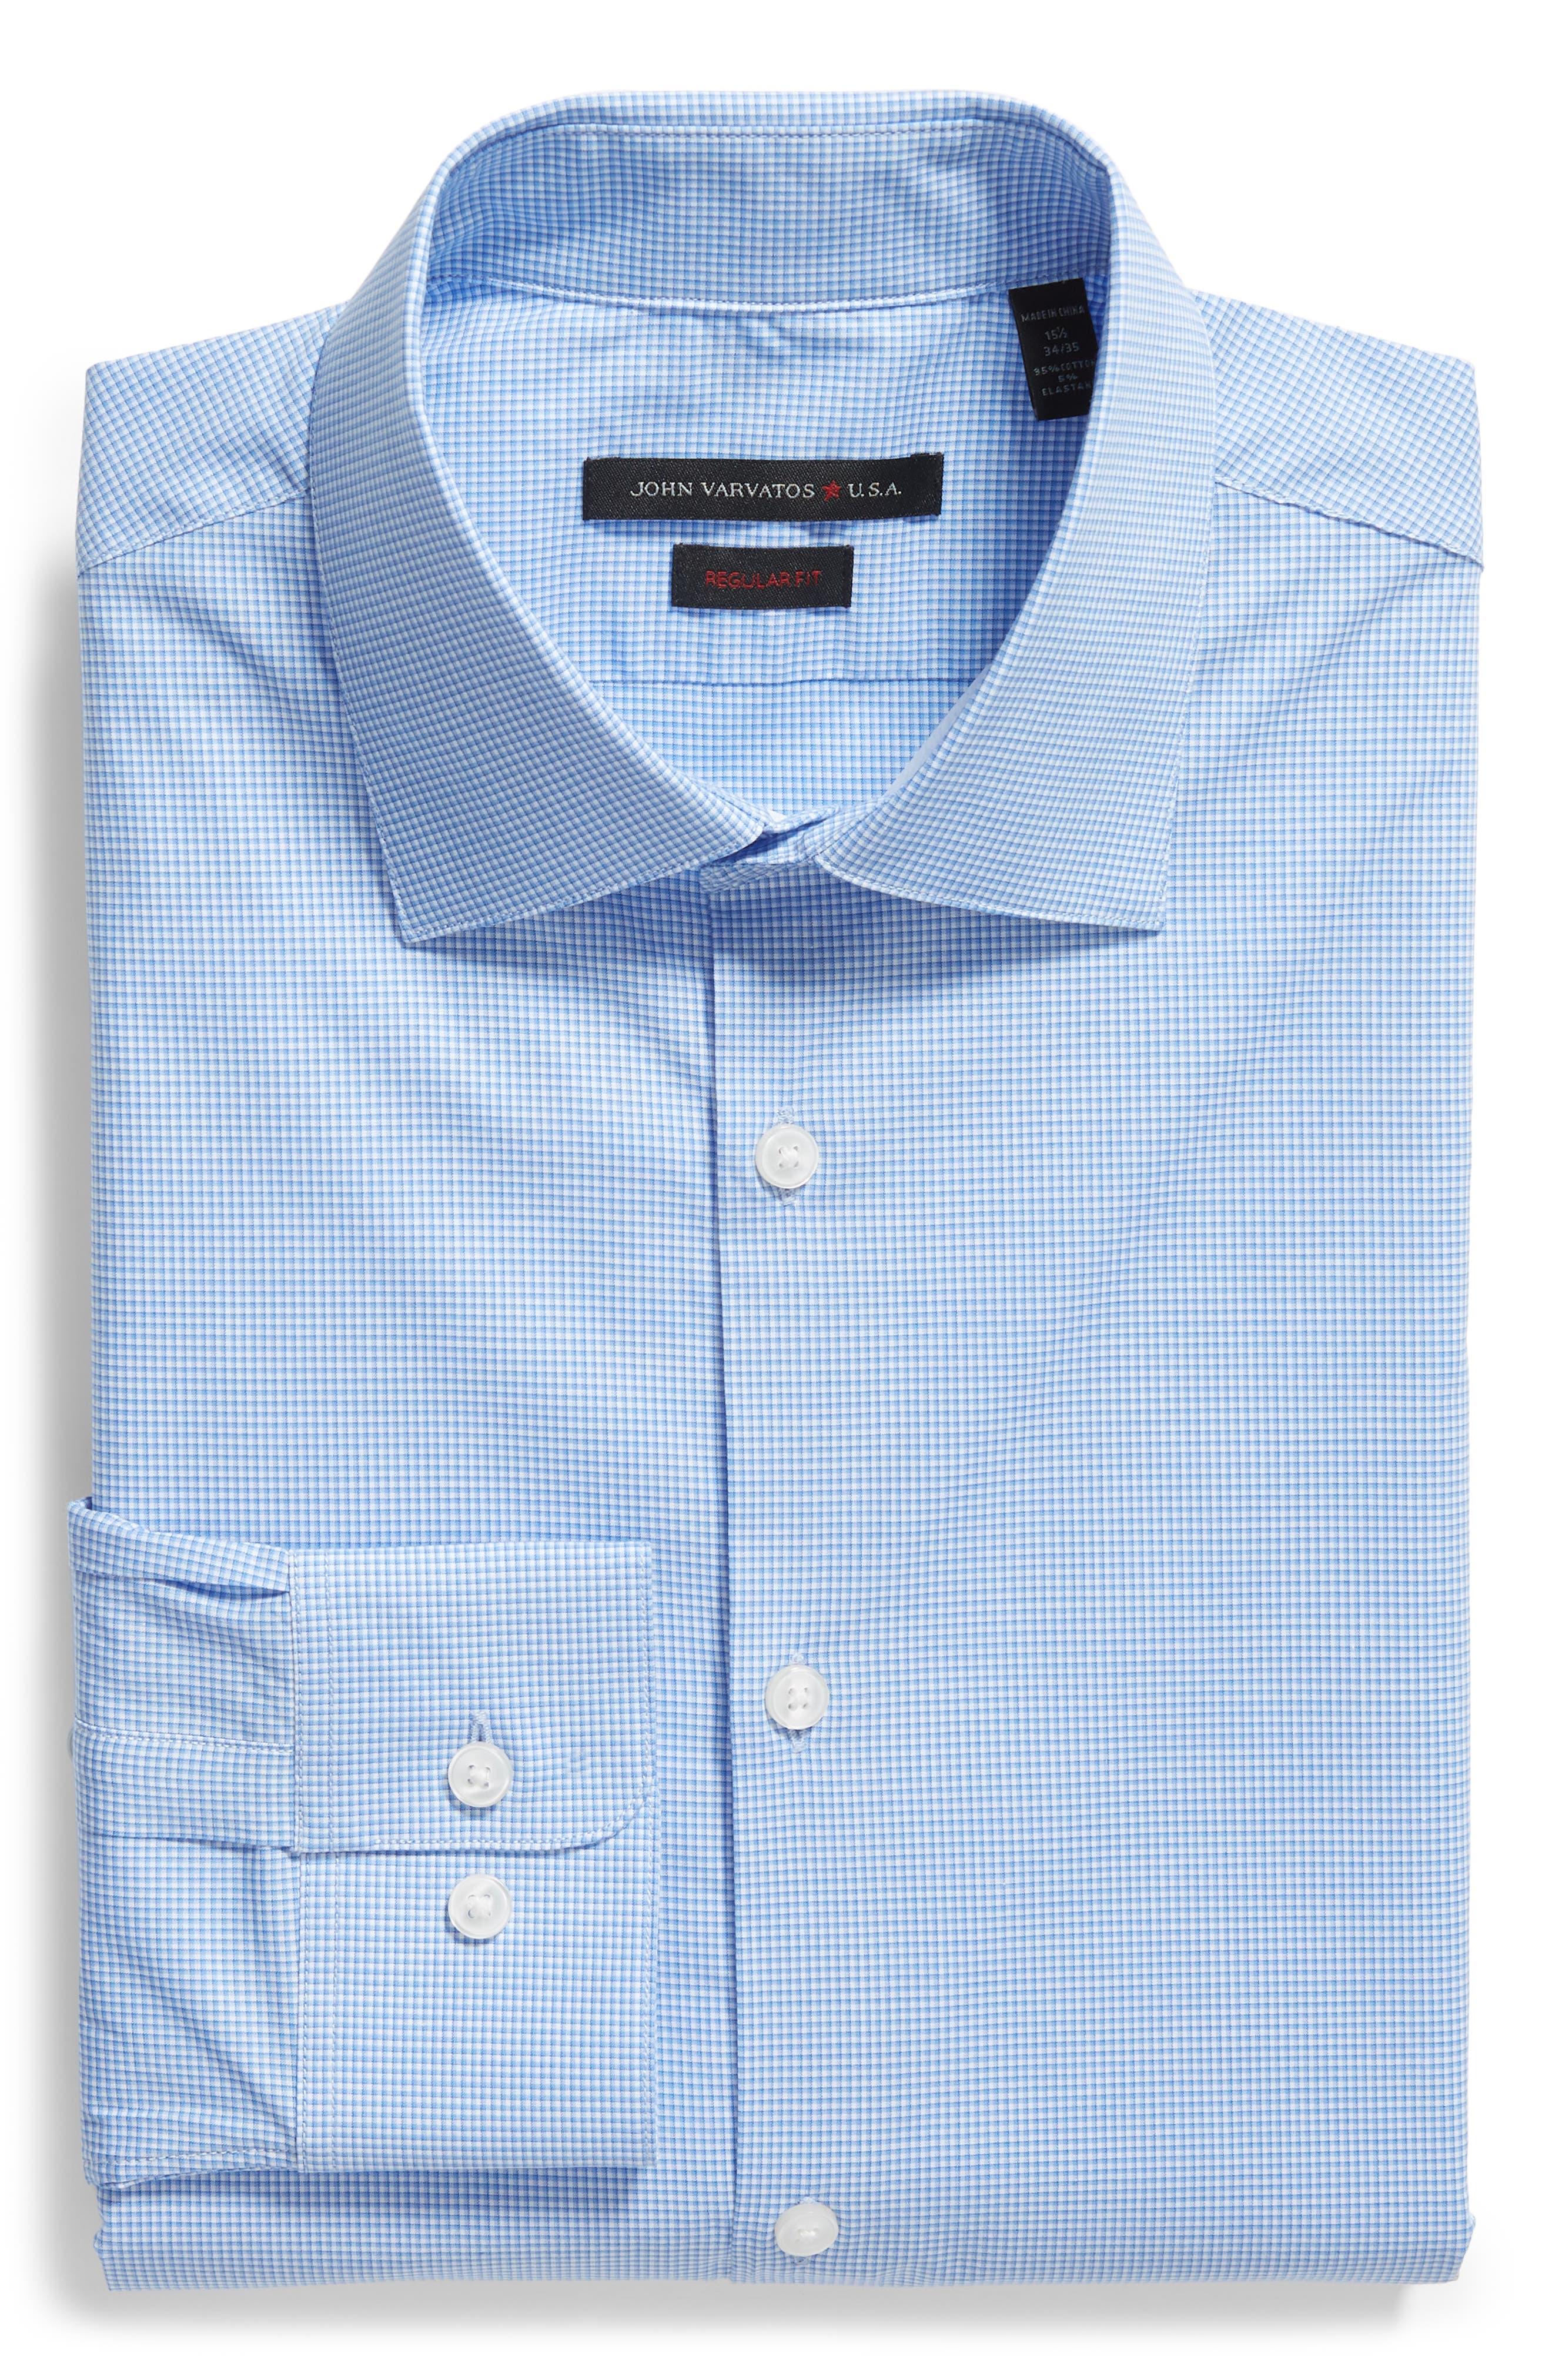 Microcheck Regular Fit Dress Shirt,                             Alternate thumbnail 5, color,                             OCEAN BLUE